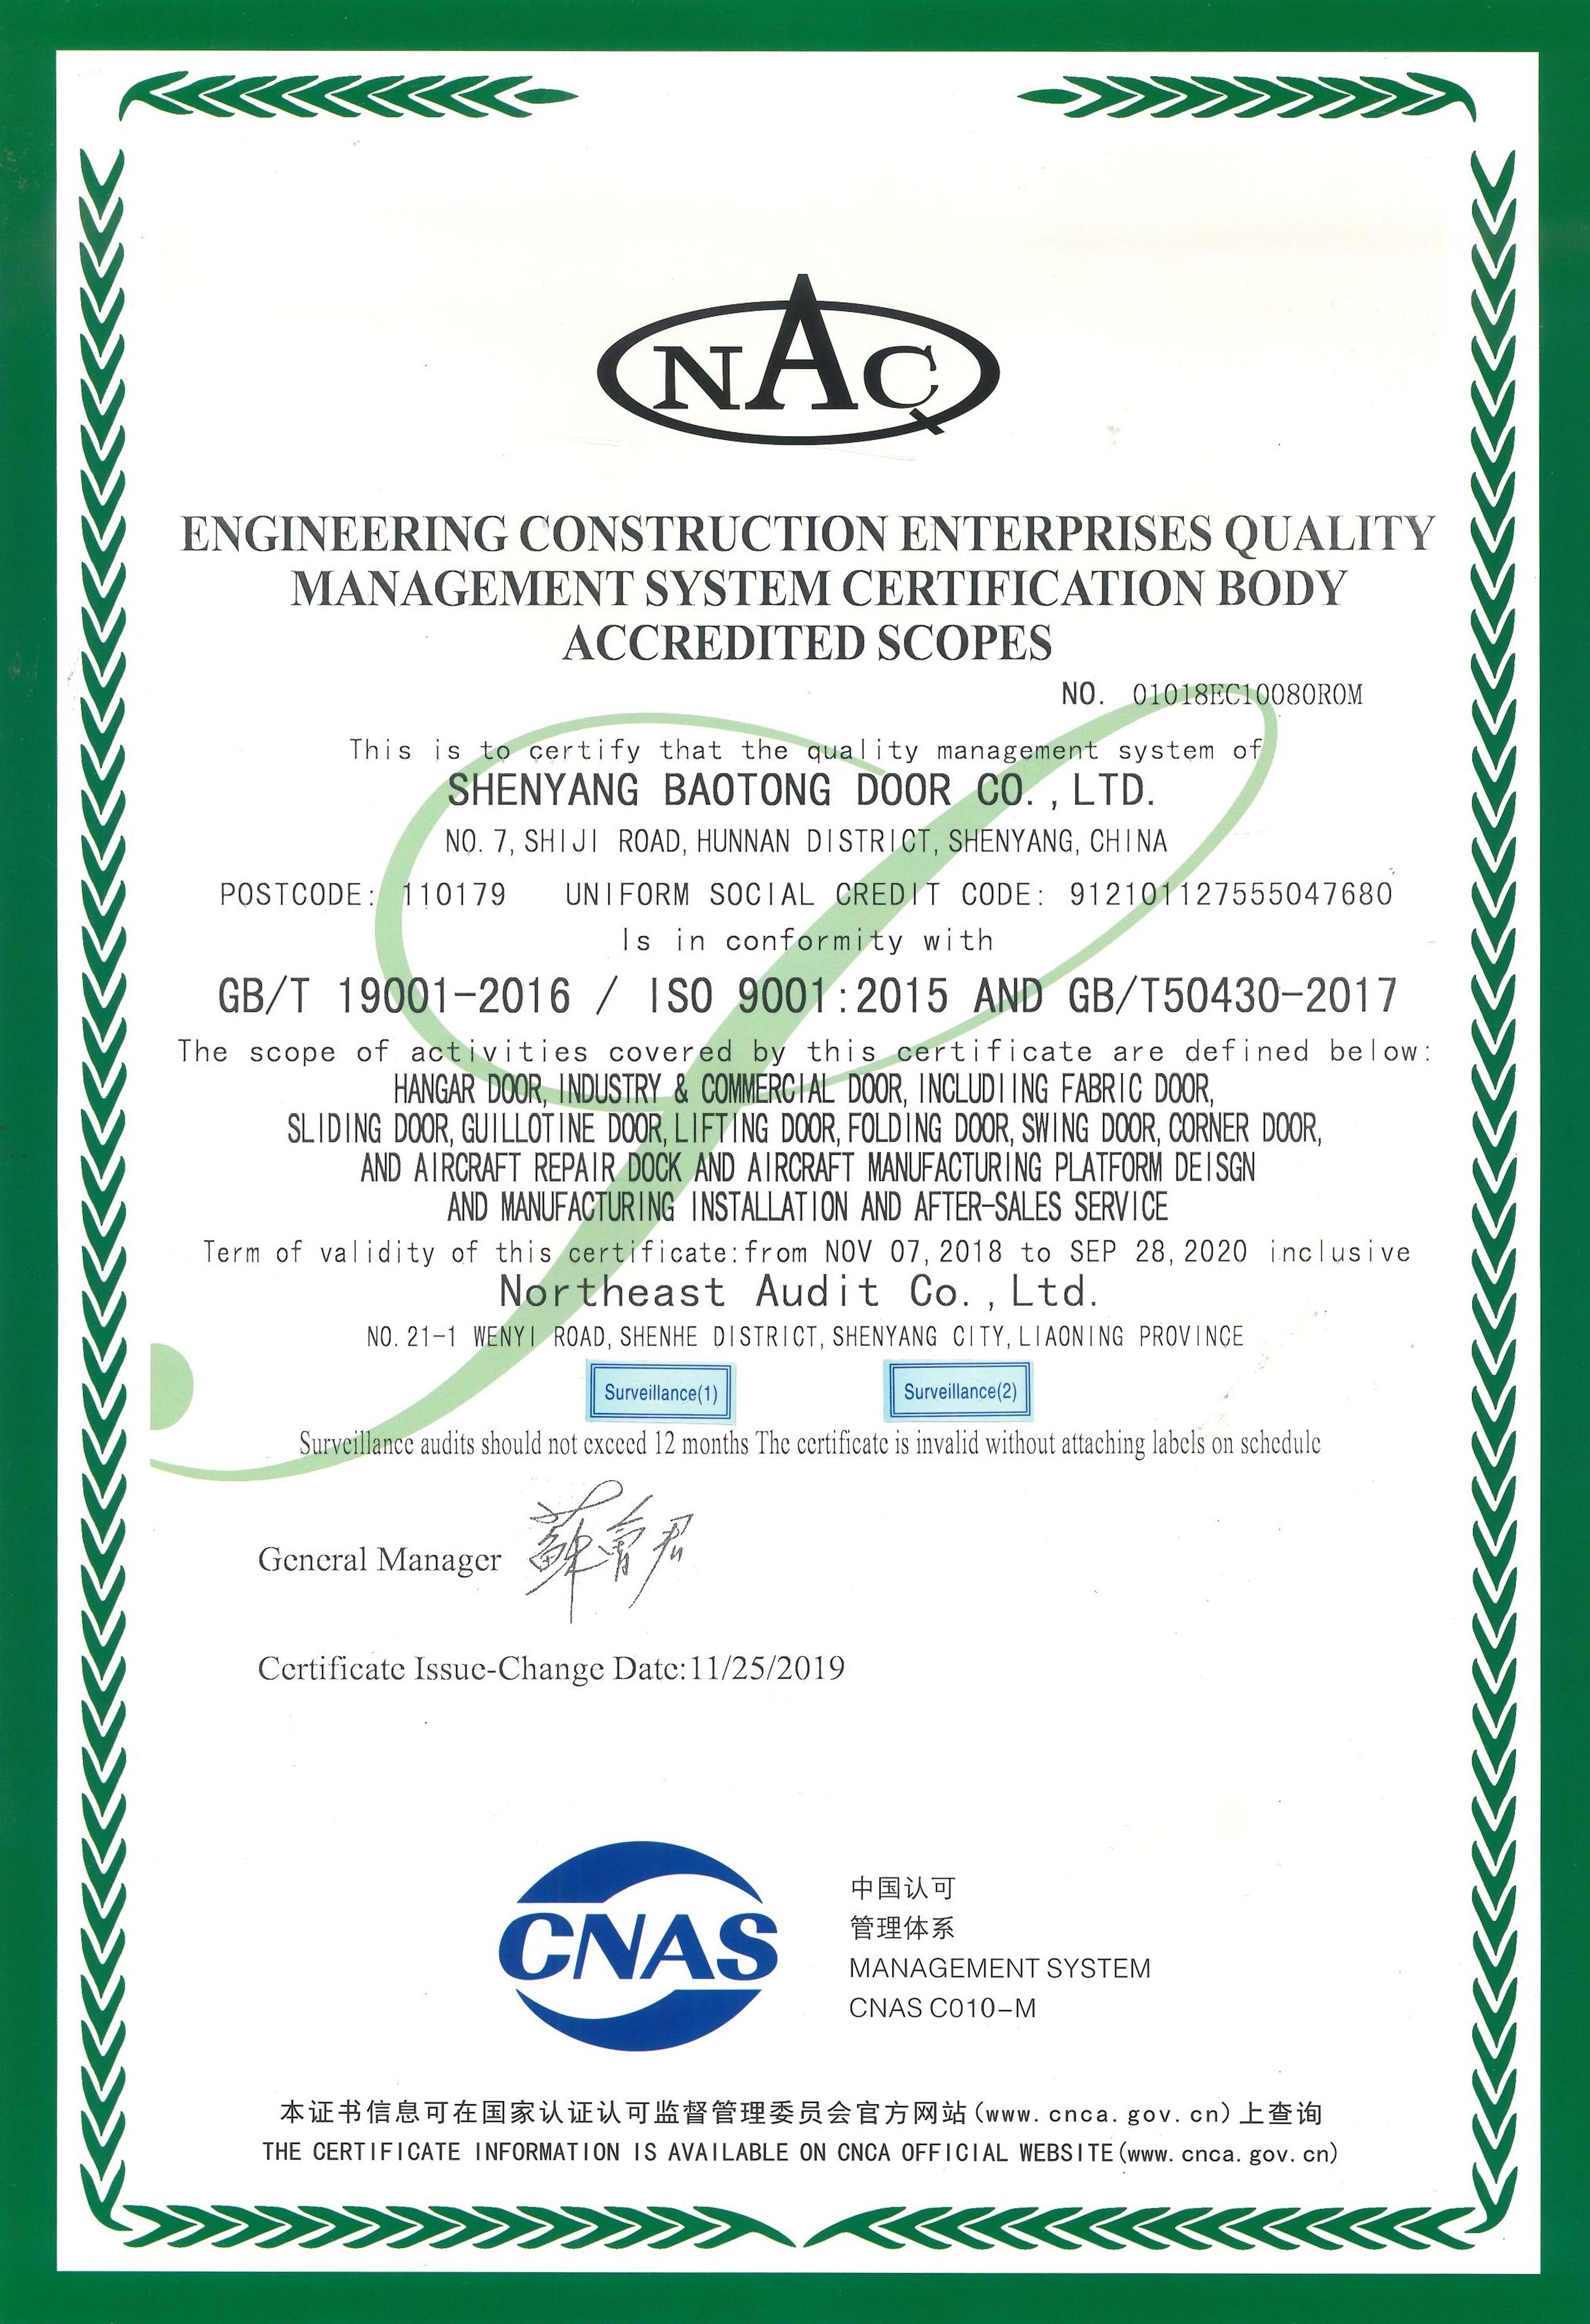 工程建設施工企業質量管理體系認證證書(英文)